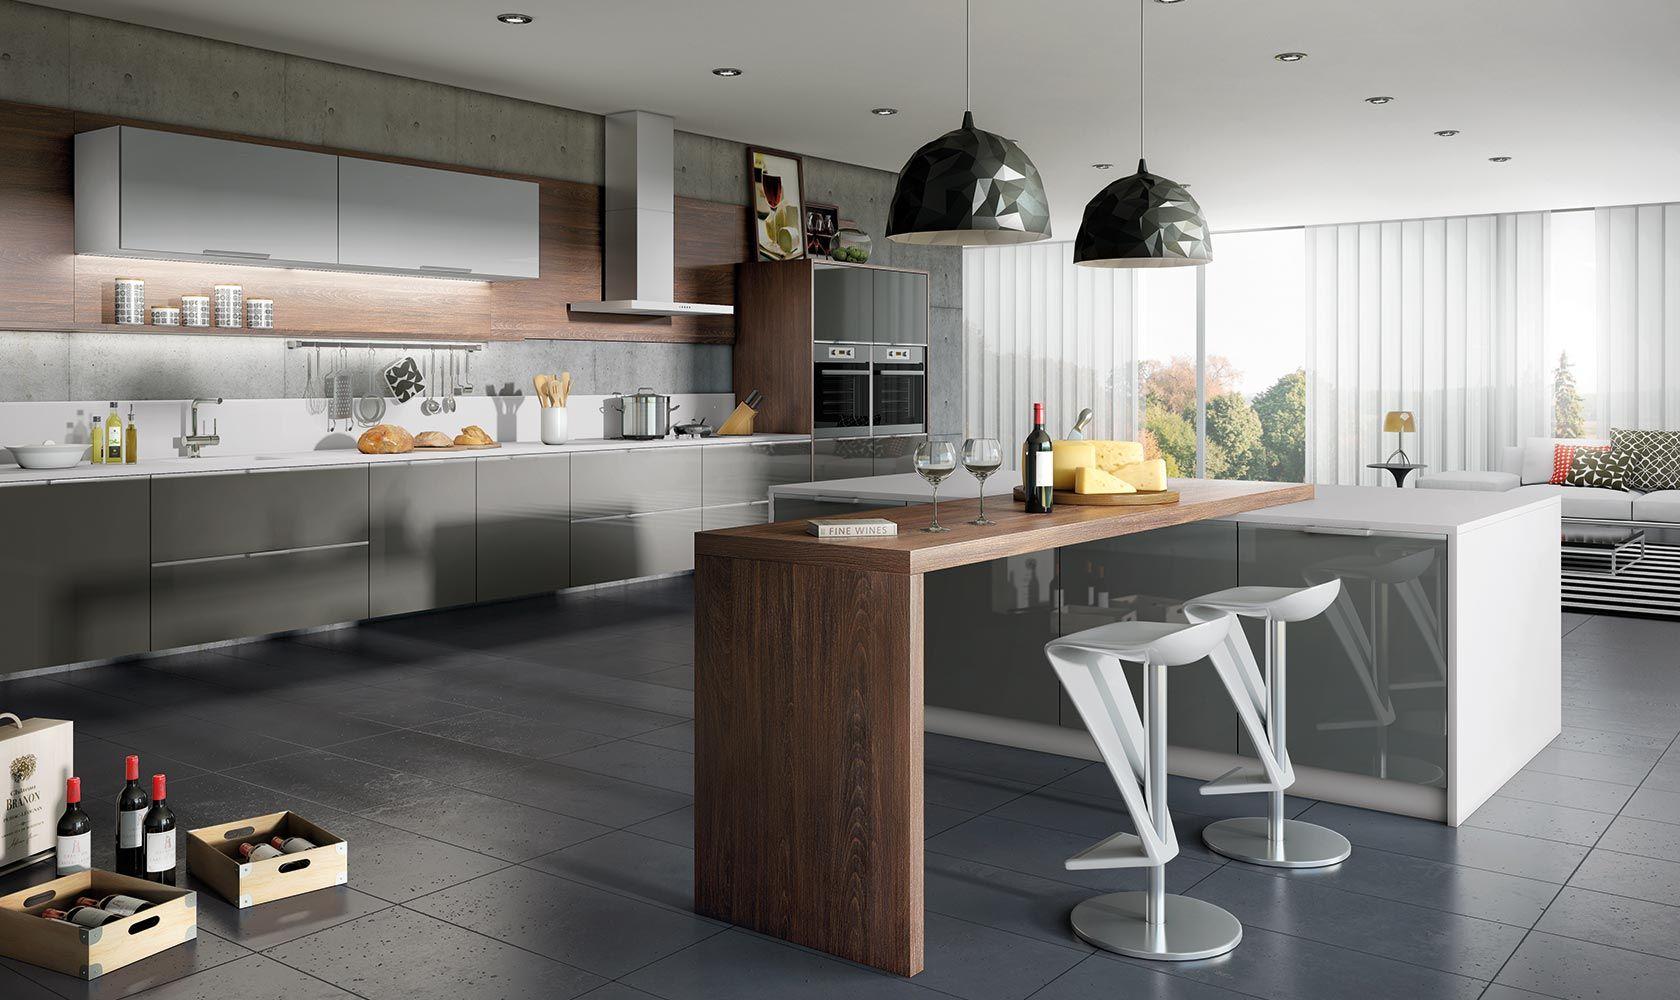 Cozinha | Simonetto. | Projeto #NovoAp | Pinterest